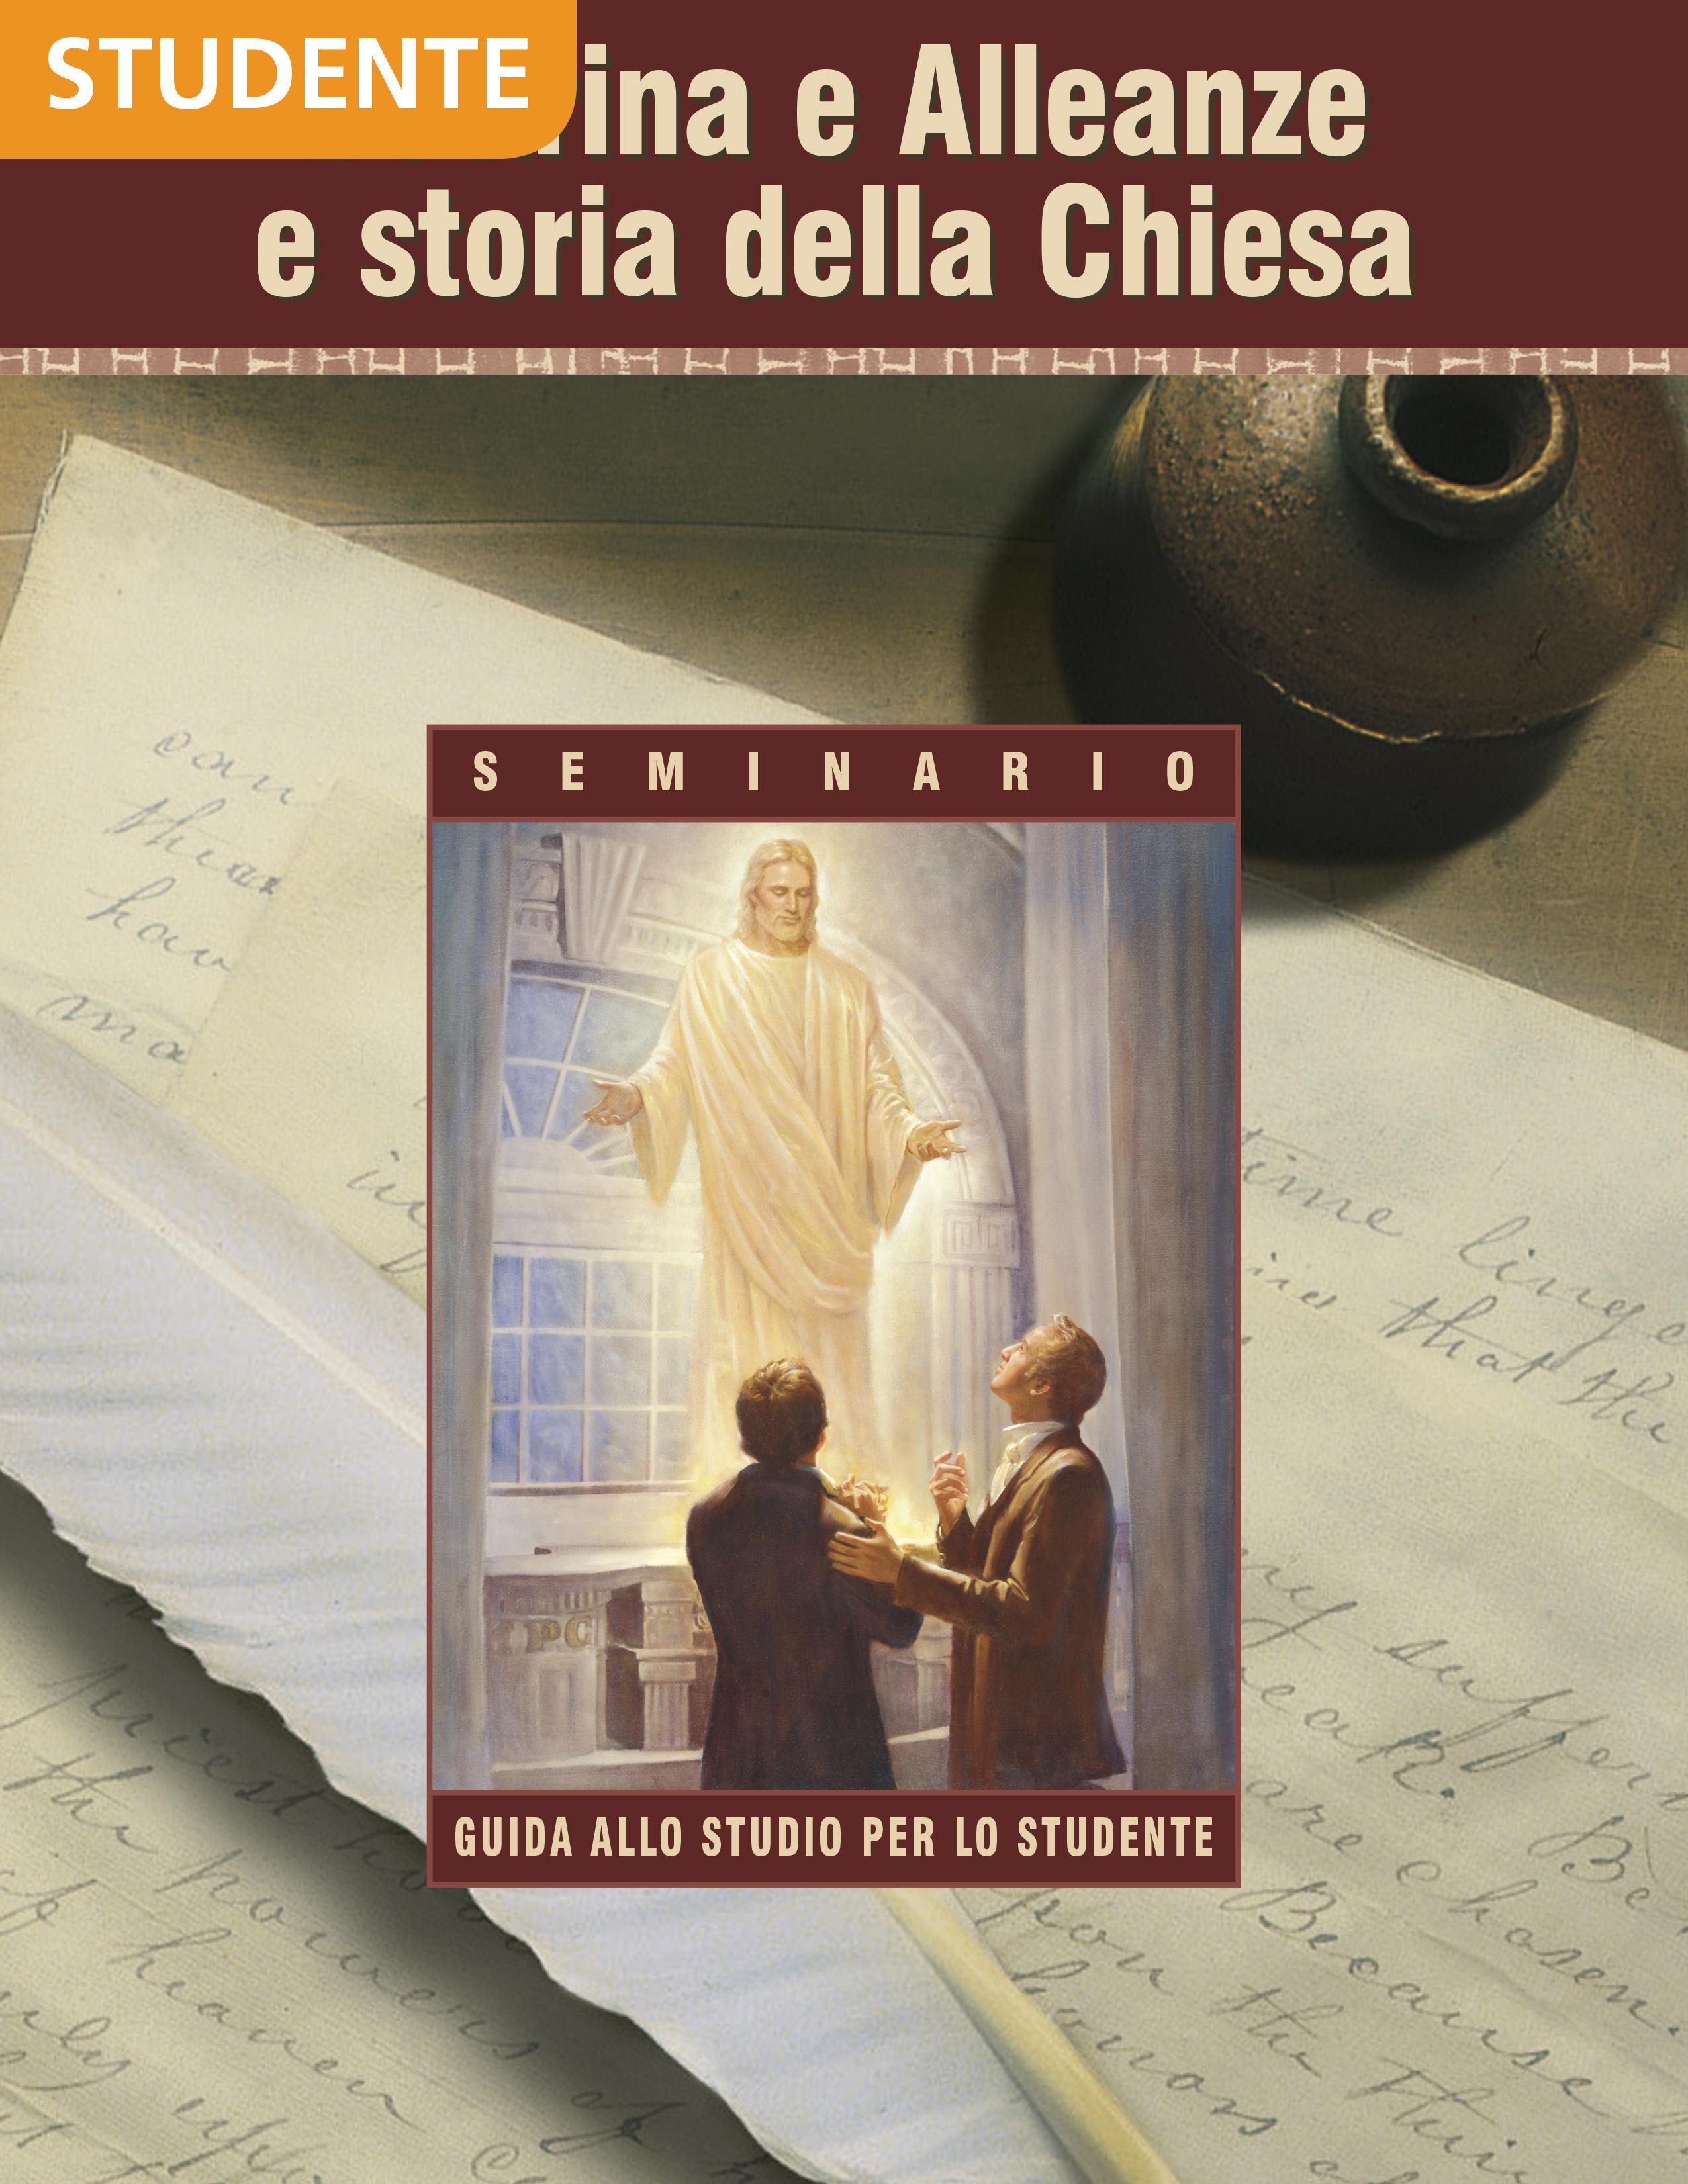 Dottrina e Alleanze e storia della Chiesa – Guida allo studio per lo studente di Seminario